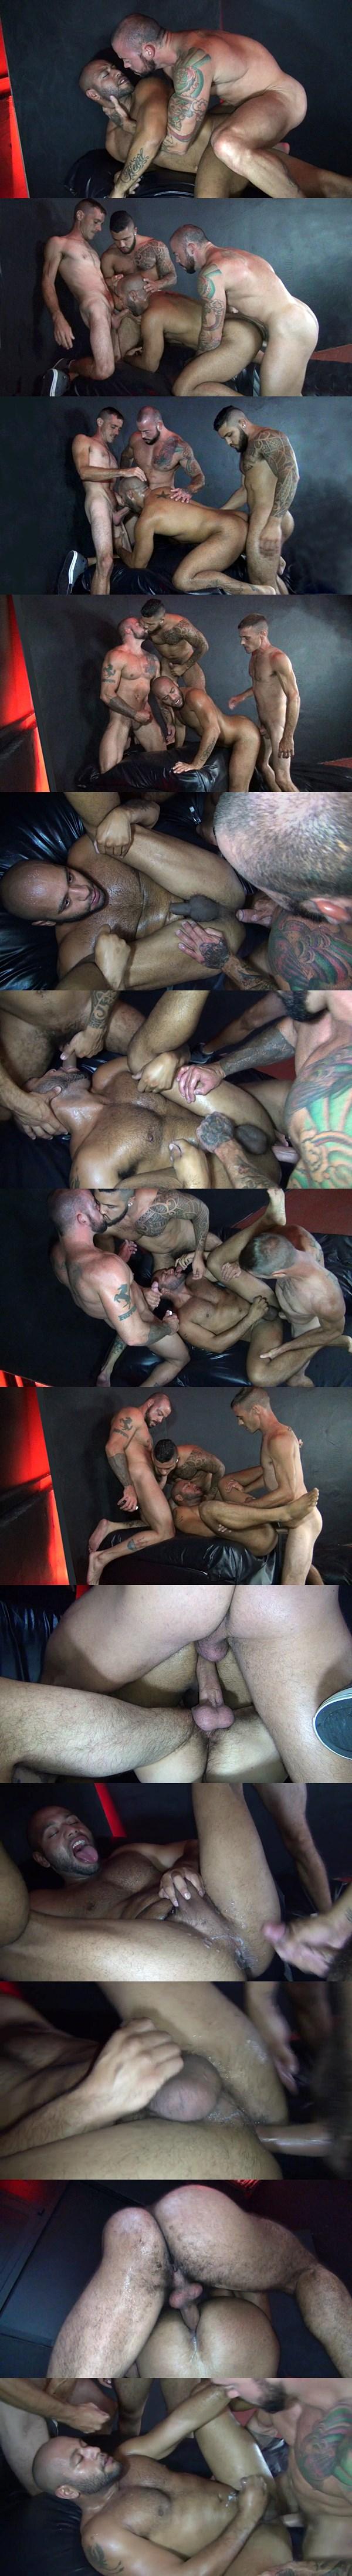 Latin hunk Leo Forte raw gangbanged by Mario Cruz, Brett Bradley and Sean Duran at Rawfuckclub 02